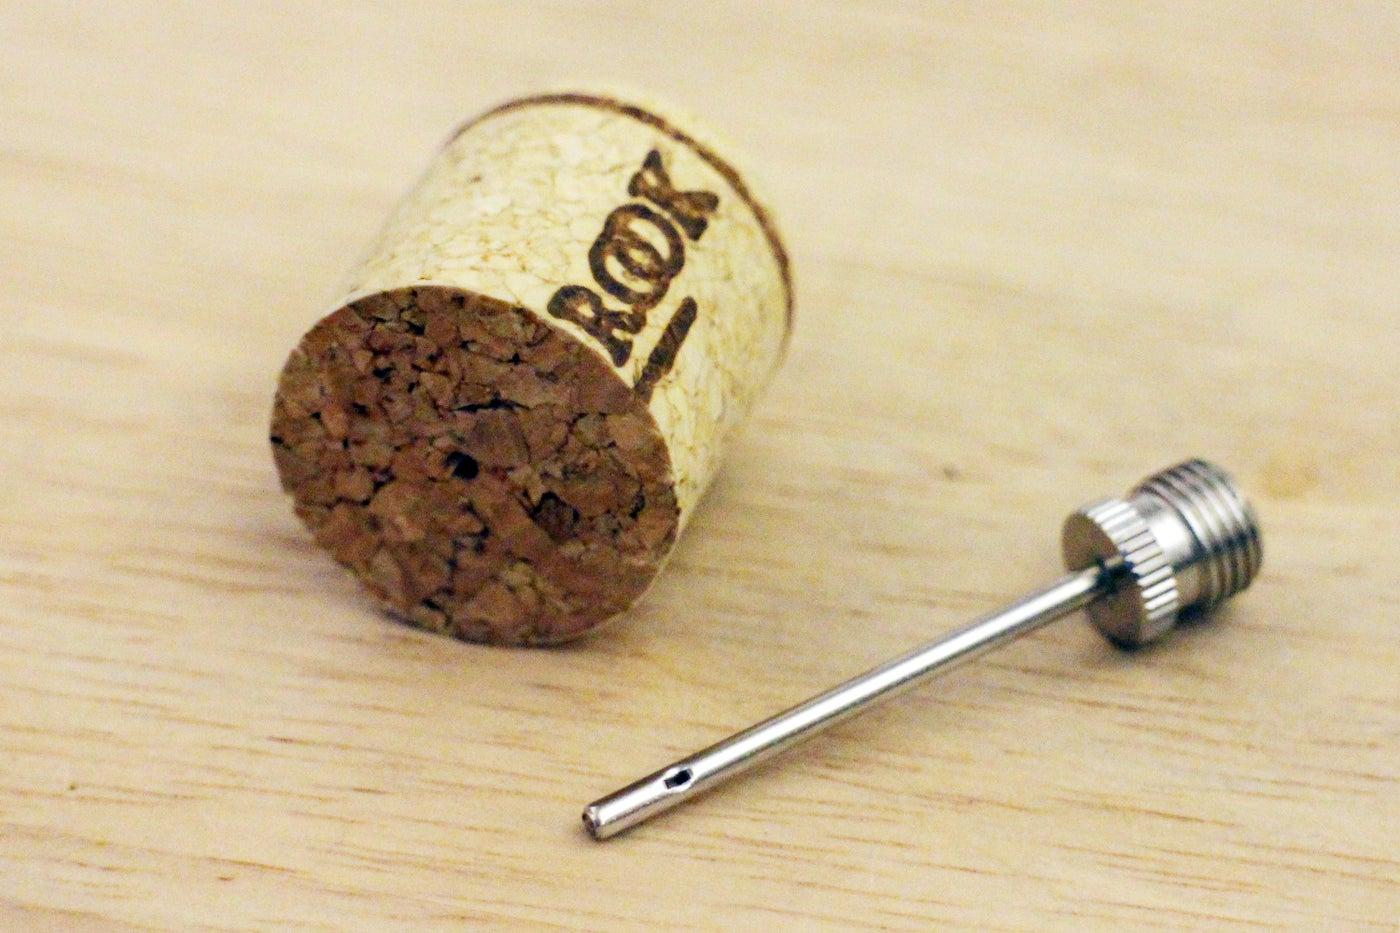 Drill Into Cork